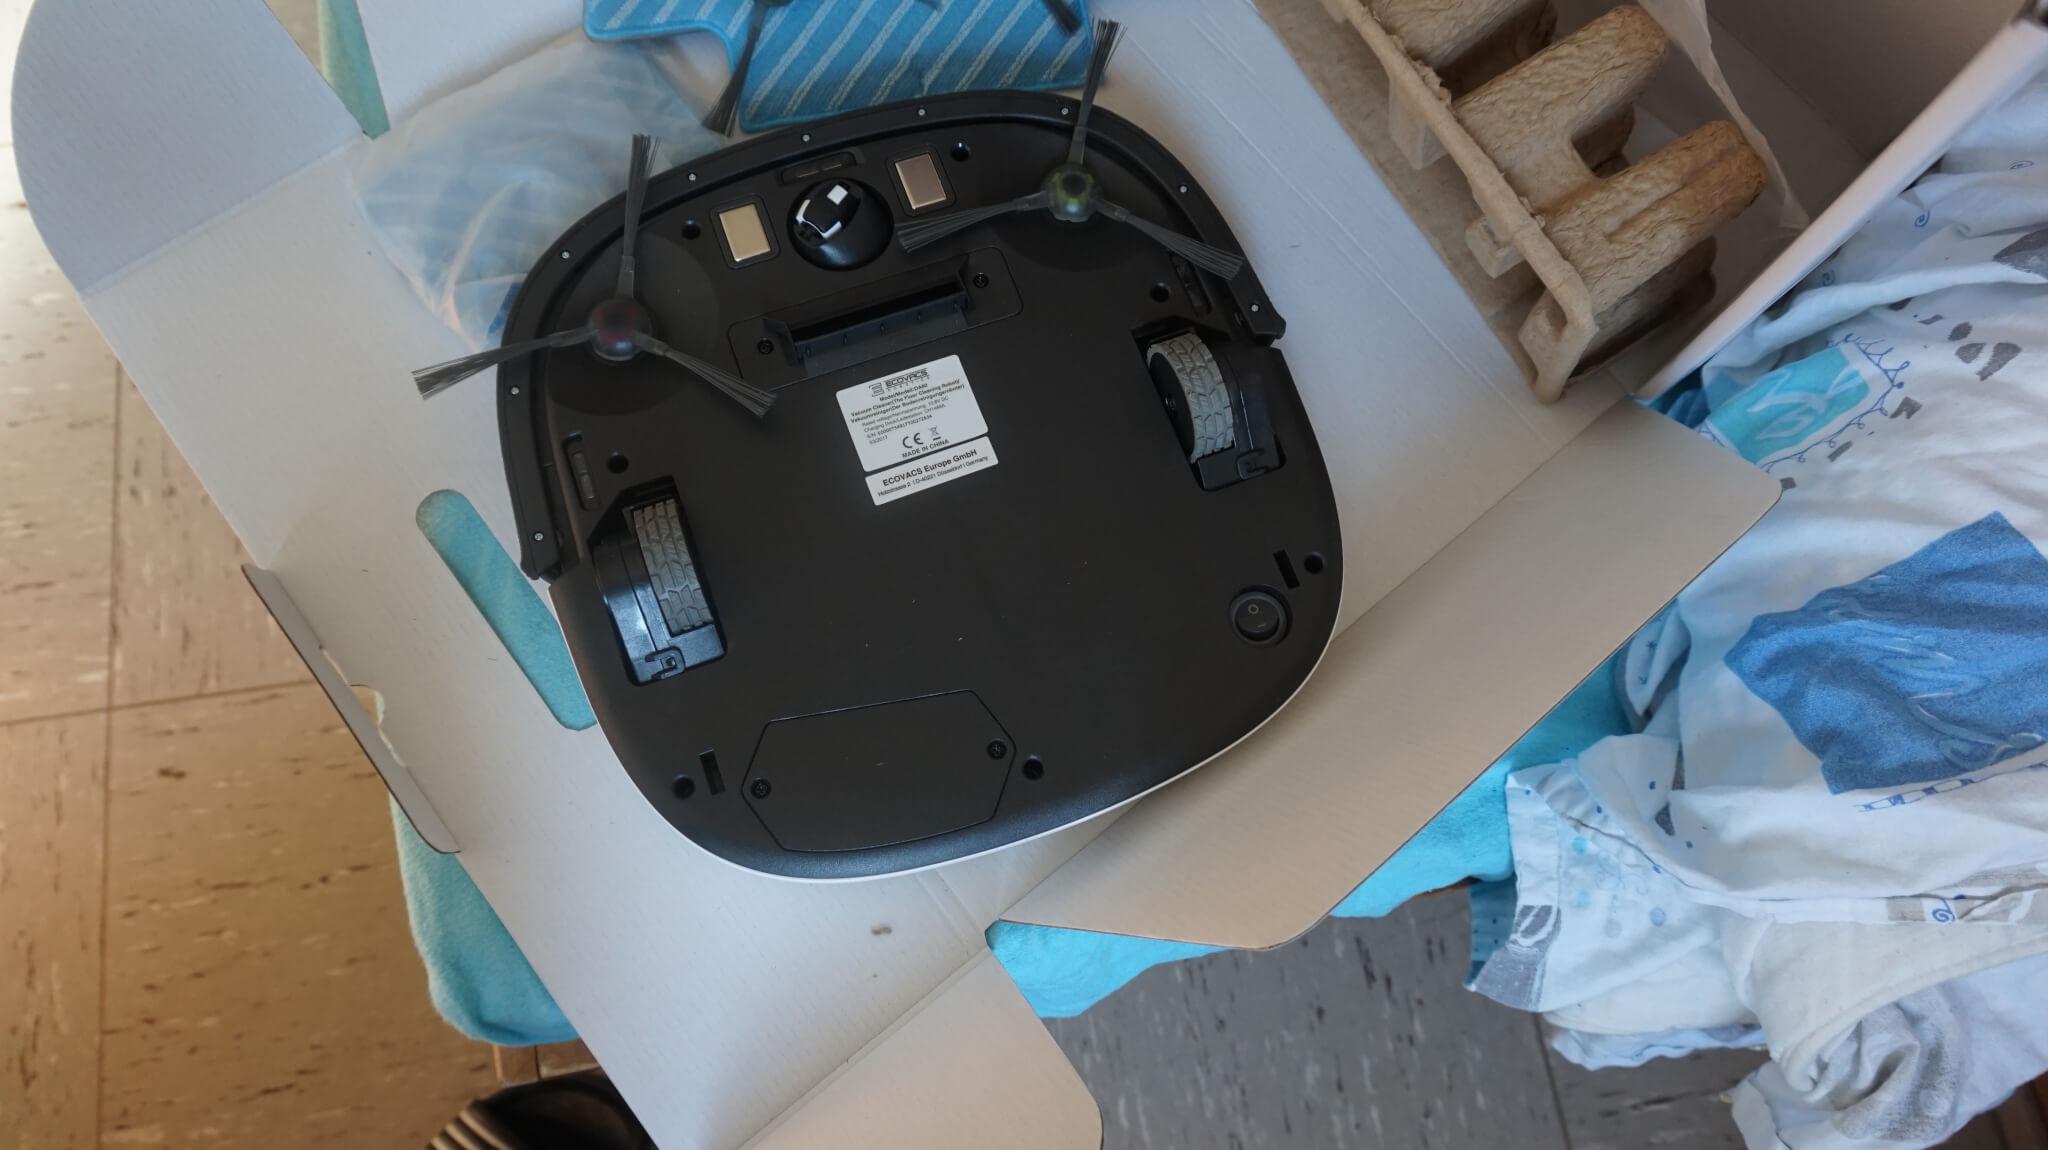 Rueckseite eines Staubsauger Roboters Bild